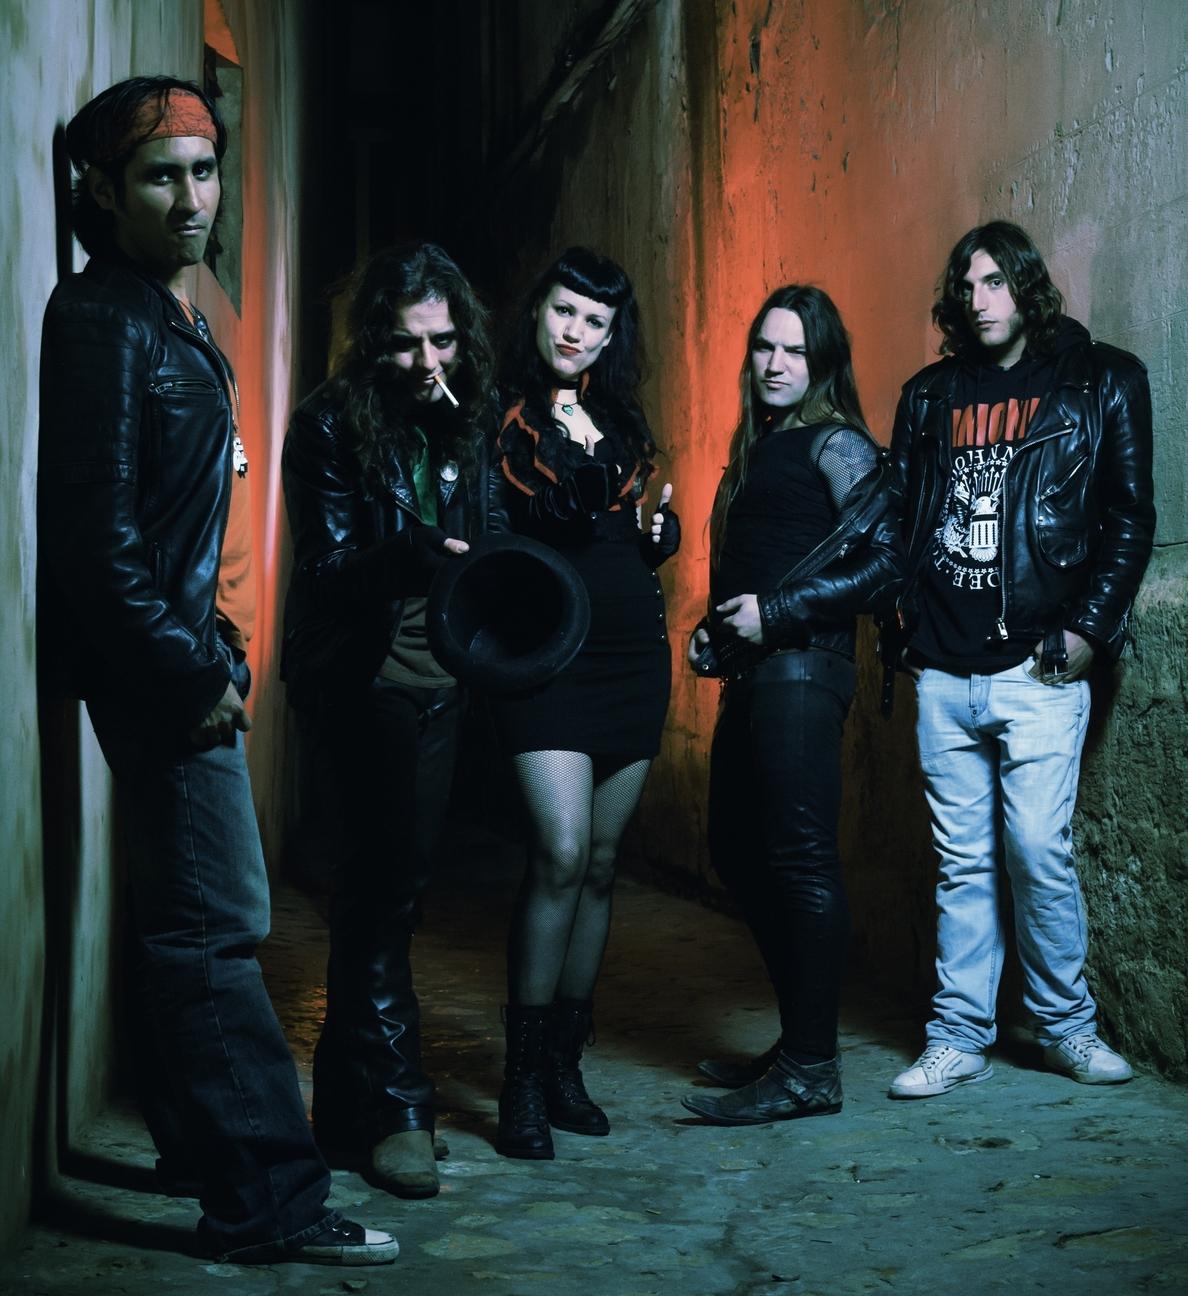 El nuevo álbum de The Monster Ones, que se presenta este sábado 26, tiene «hard rock, punk, country y hasta un blues»